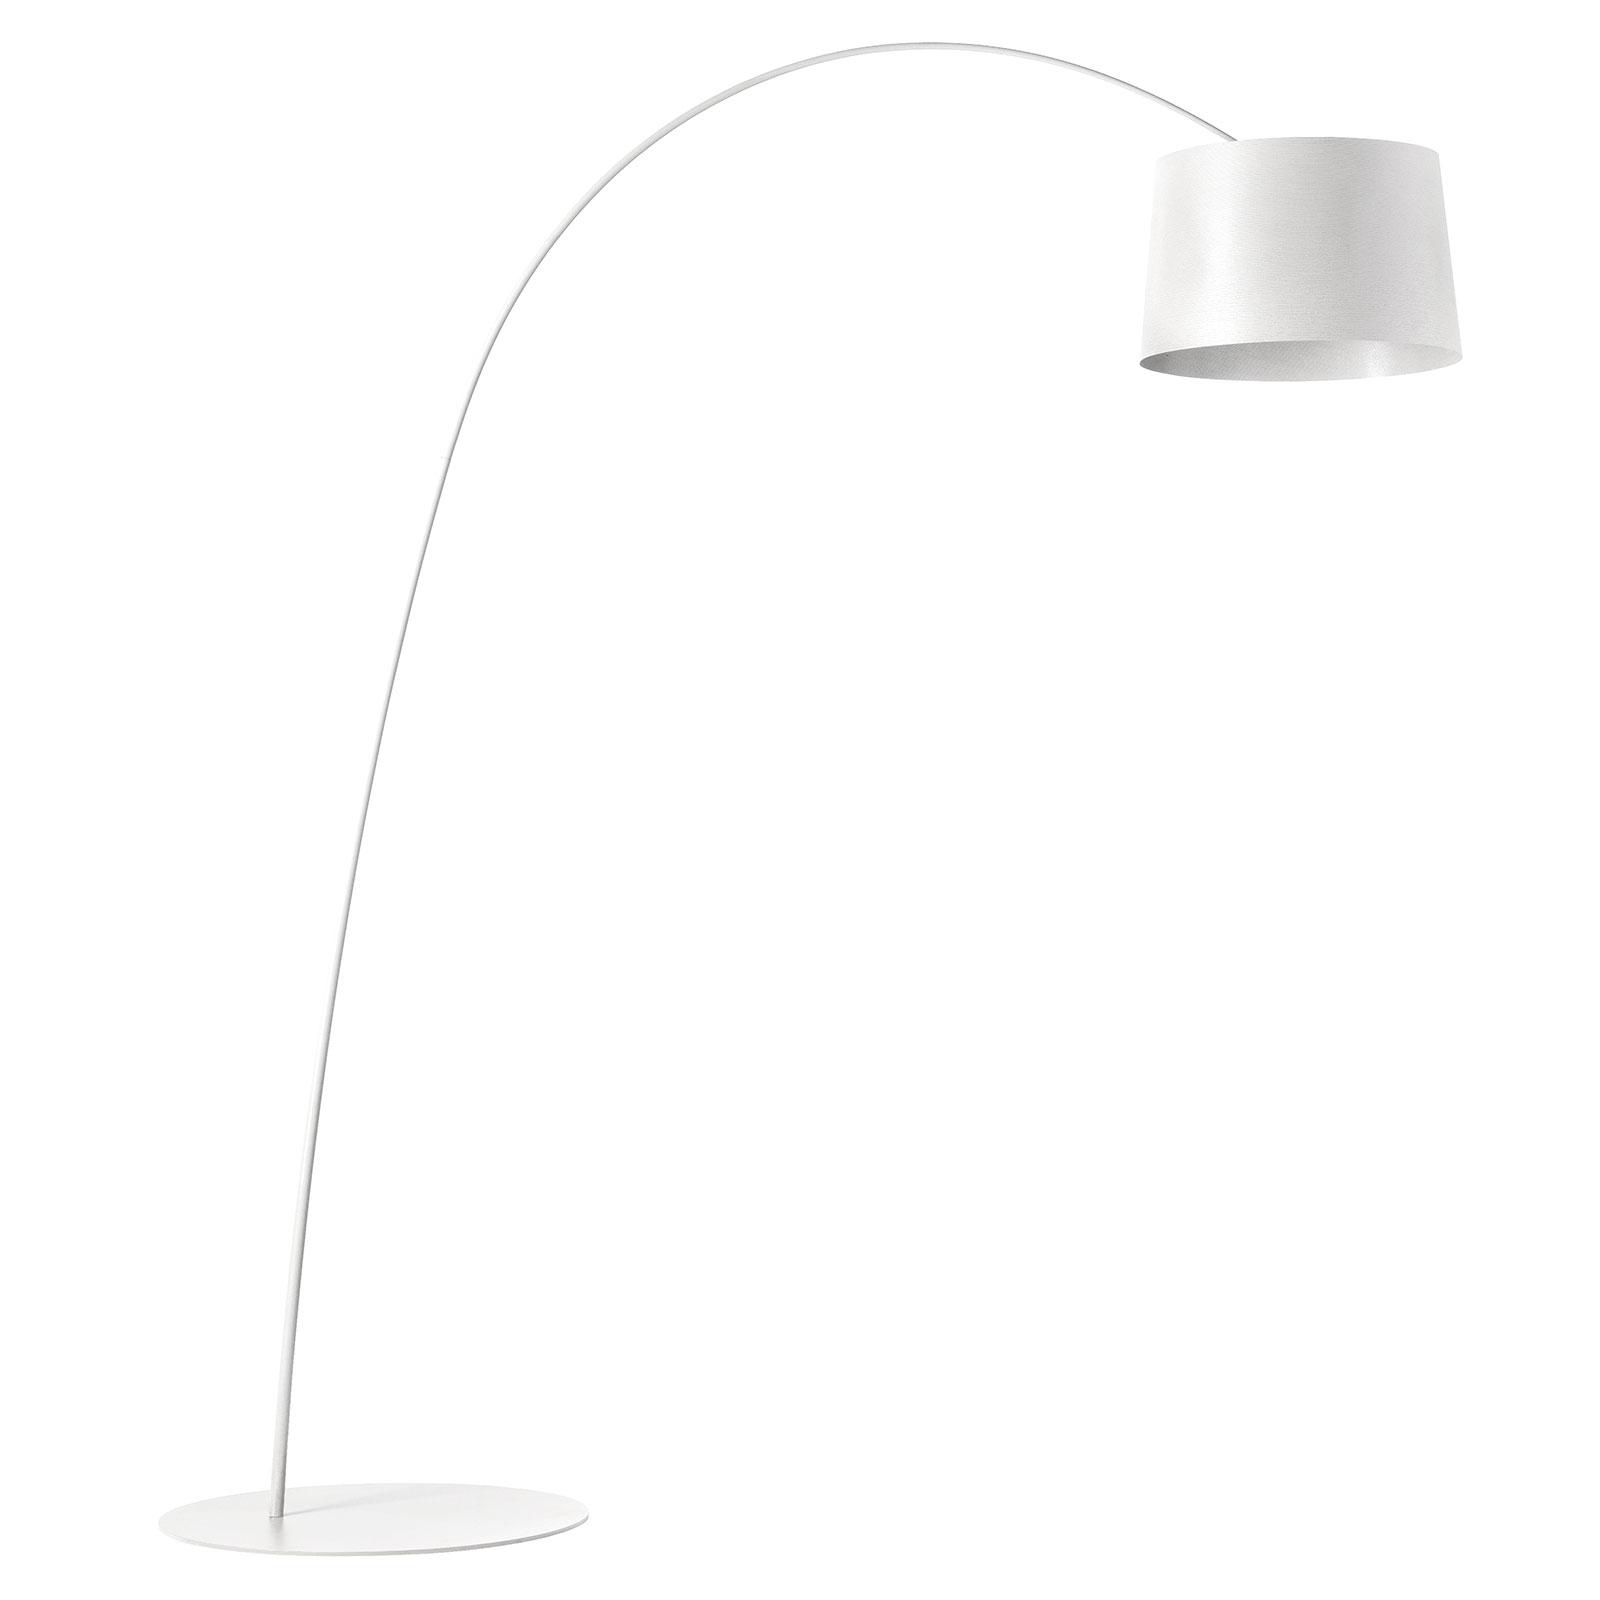 Foscarini Twiggy LED -kaarivalaisin, valkoinen